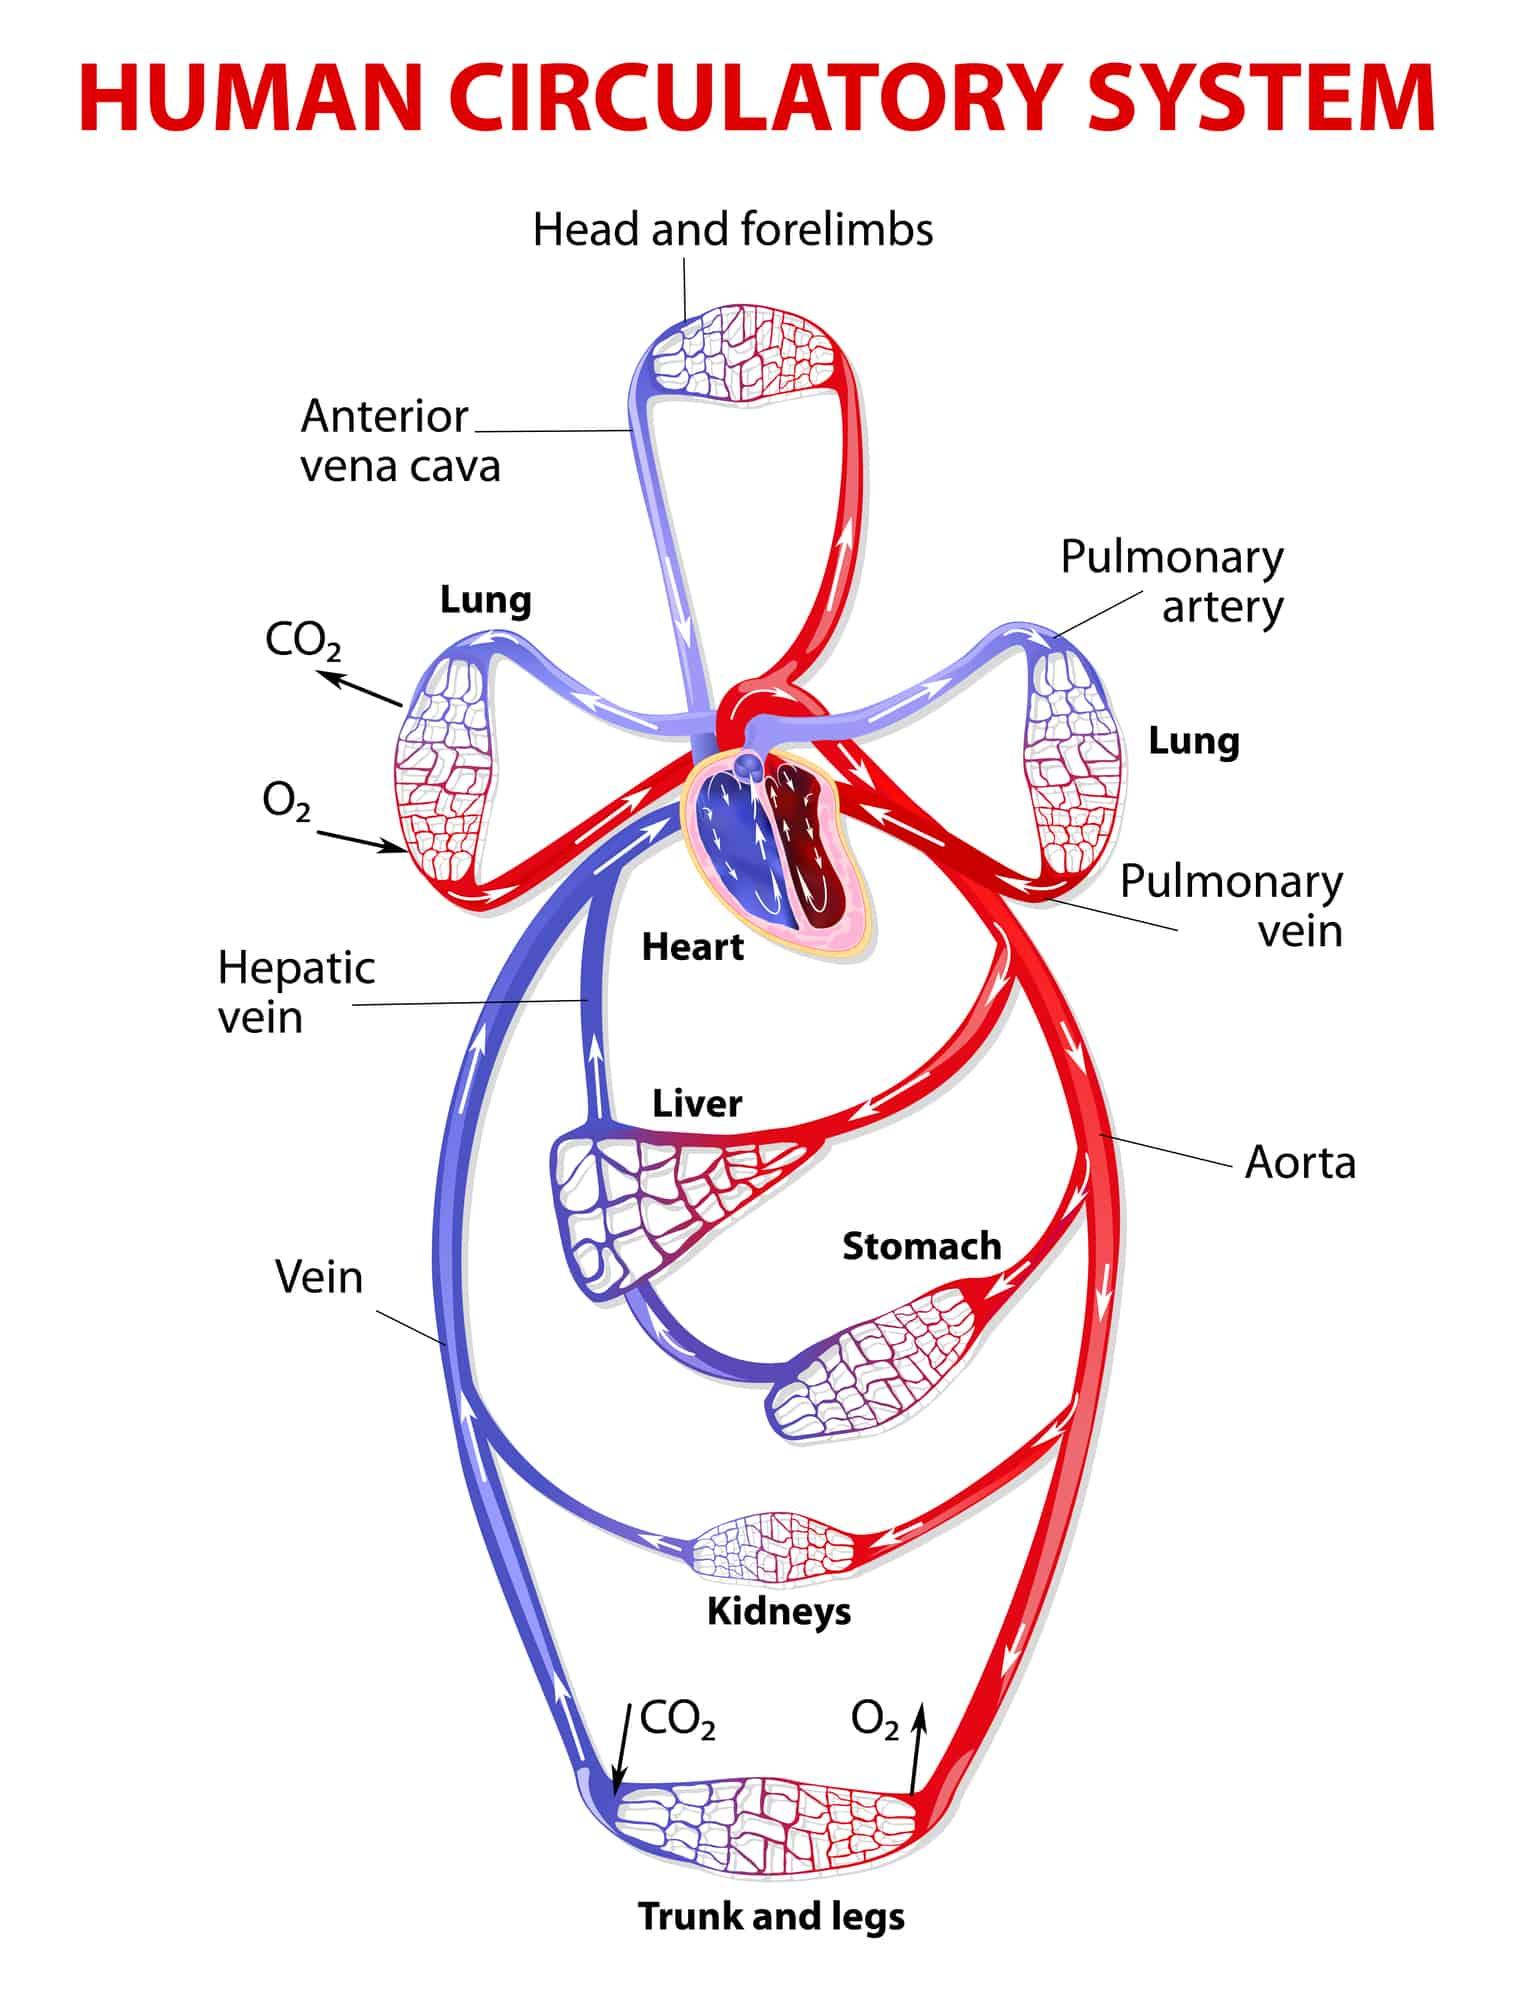 Use óleos essenciais para melhorar a circulação e fluxo sanguíneo! Benefícios do óleo essencial &quot;width =&quot; 1514 &quot;height =&quot; 1999 &quot;/&gt;</a></p><p>Vamos falar sobre como o coração e outros órgãos se comportam em resposta a distúrbios circulatórios. O problema dos problemas cardiovasculares é que eles têm um efeito composto no qual a causa se transforma no sintoma e vice-versa</p><p>O resultado líquido é um ciclo vicioso de problemas de saúde que rapidamente ultrapassam o sistema circulatório e começam a afetar todas as outras partes do corpo. uma olhada em como as coisas perigosas podem se desenvolver</p><p> <a href=